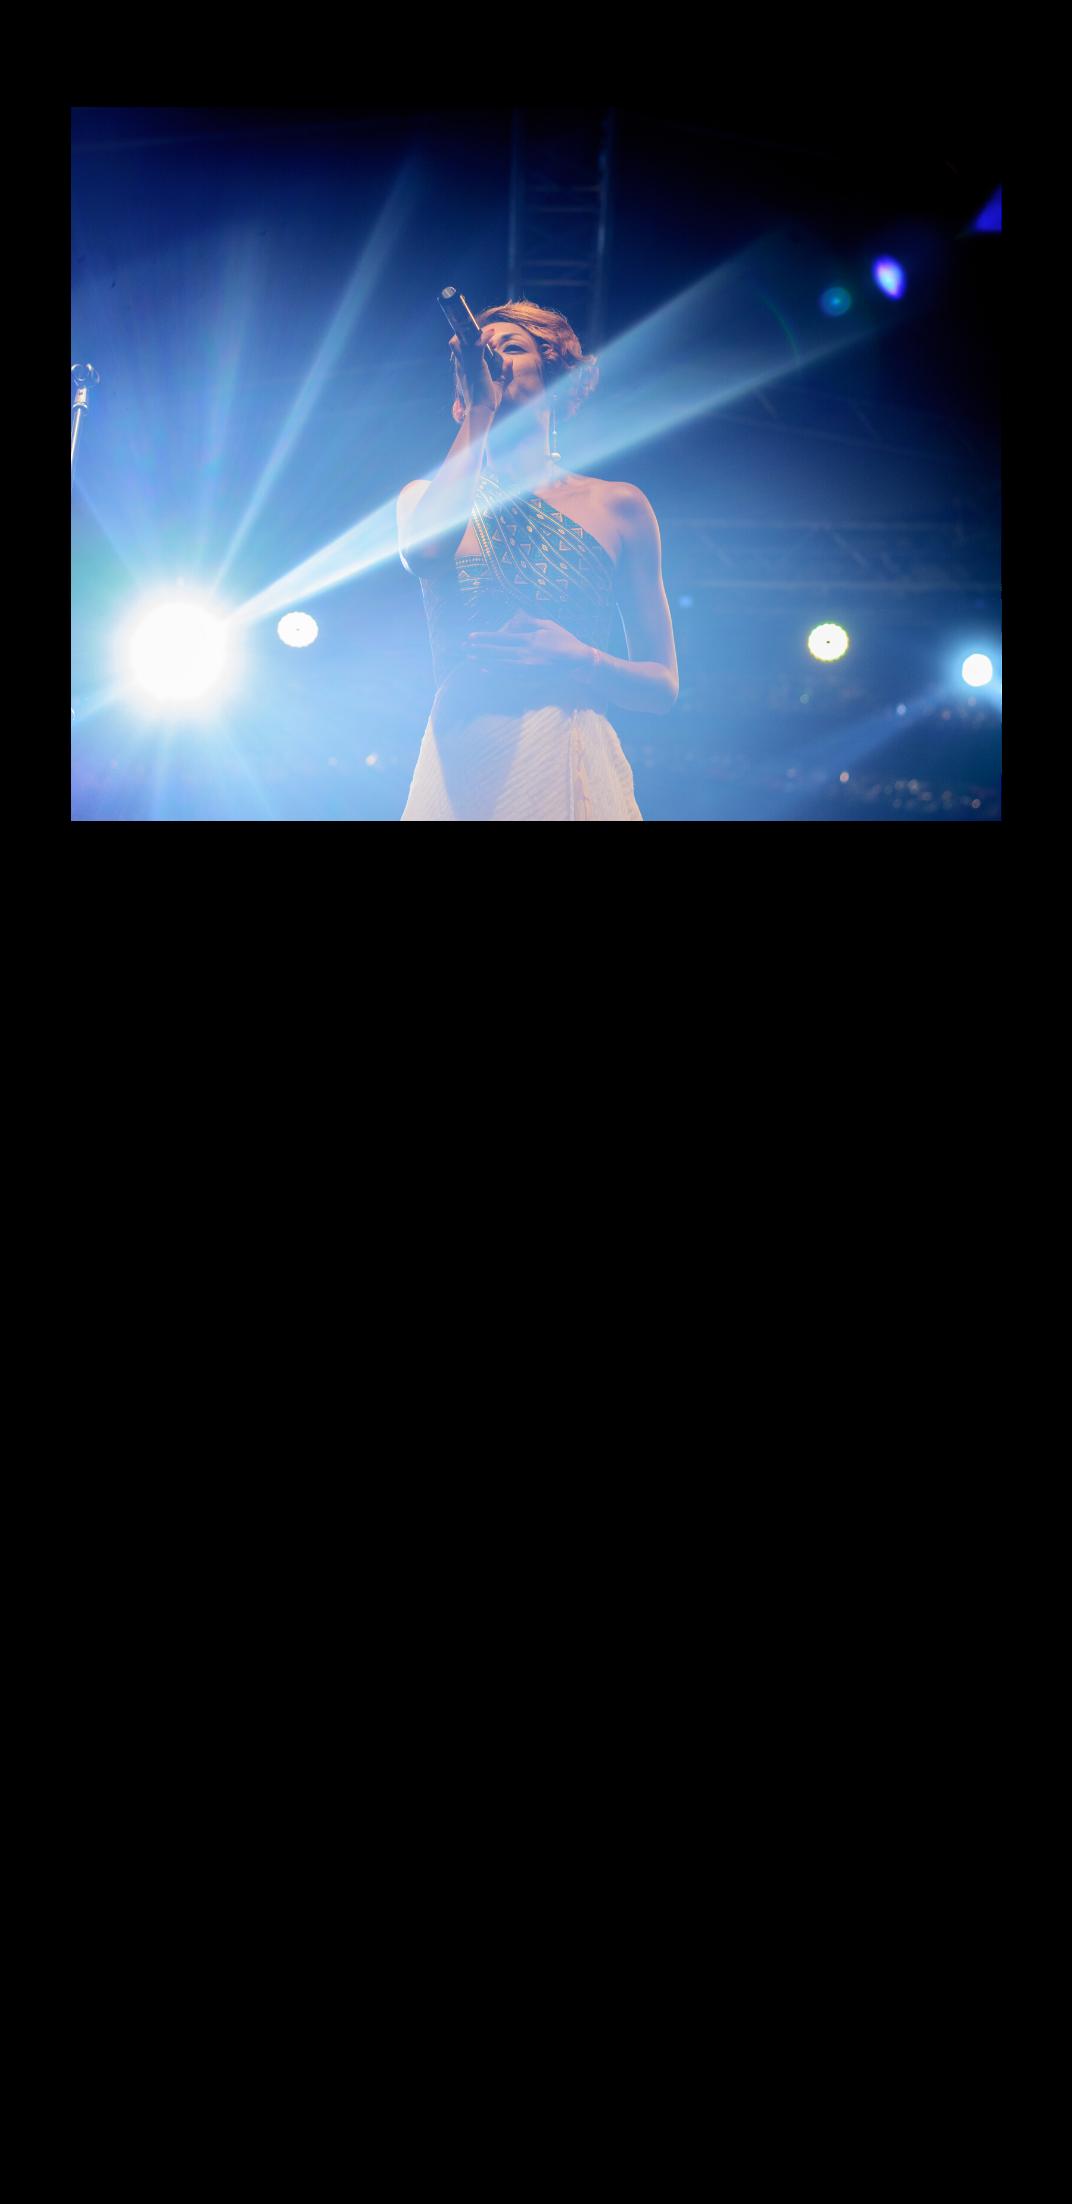 The singer SZA